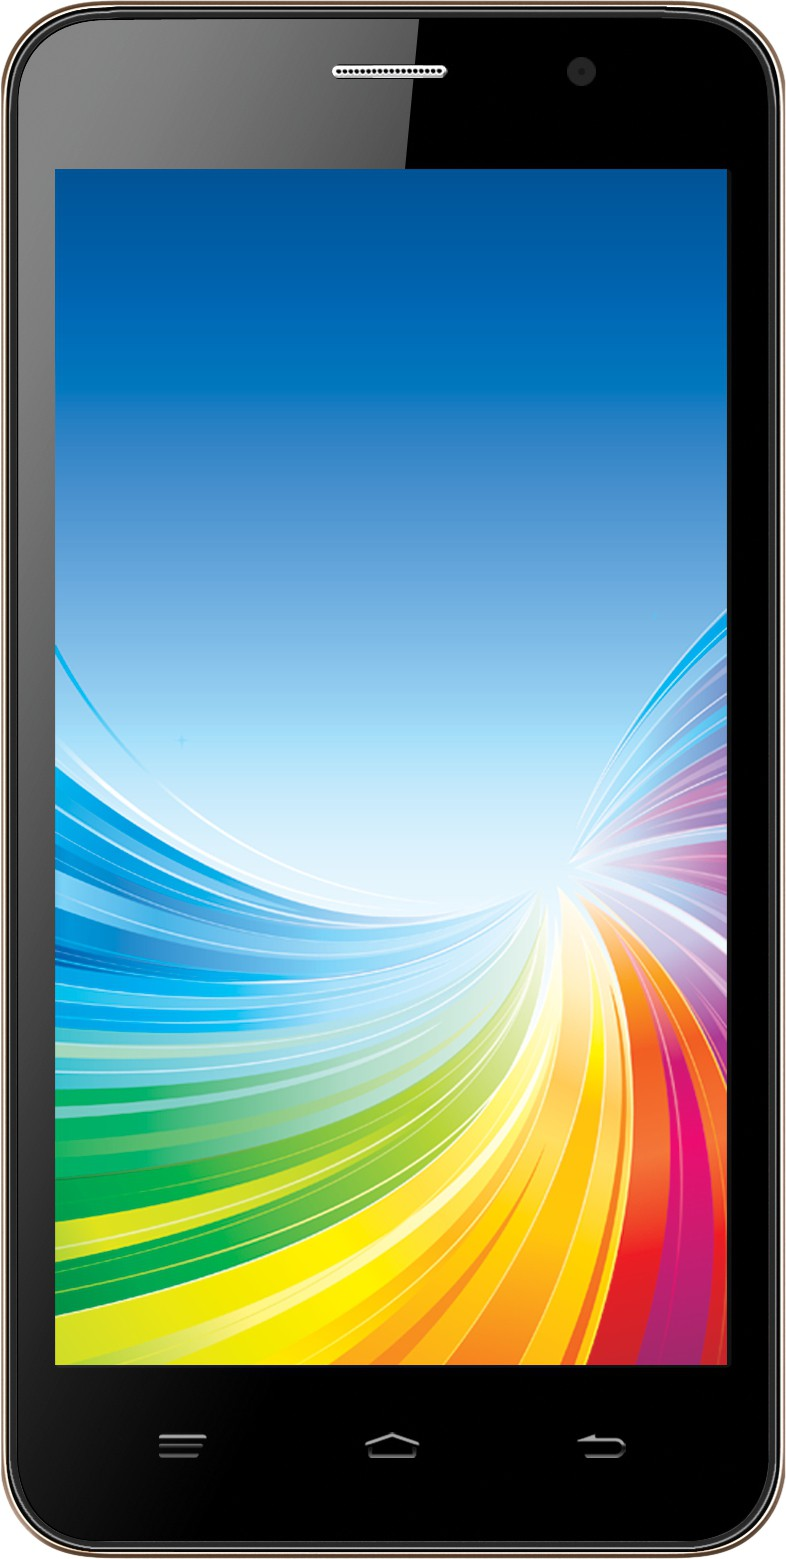 Intex Cloud 4G Smart (Black & Champagne, 8 GB)(1 GB RAM)